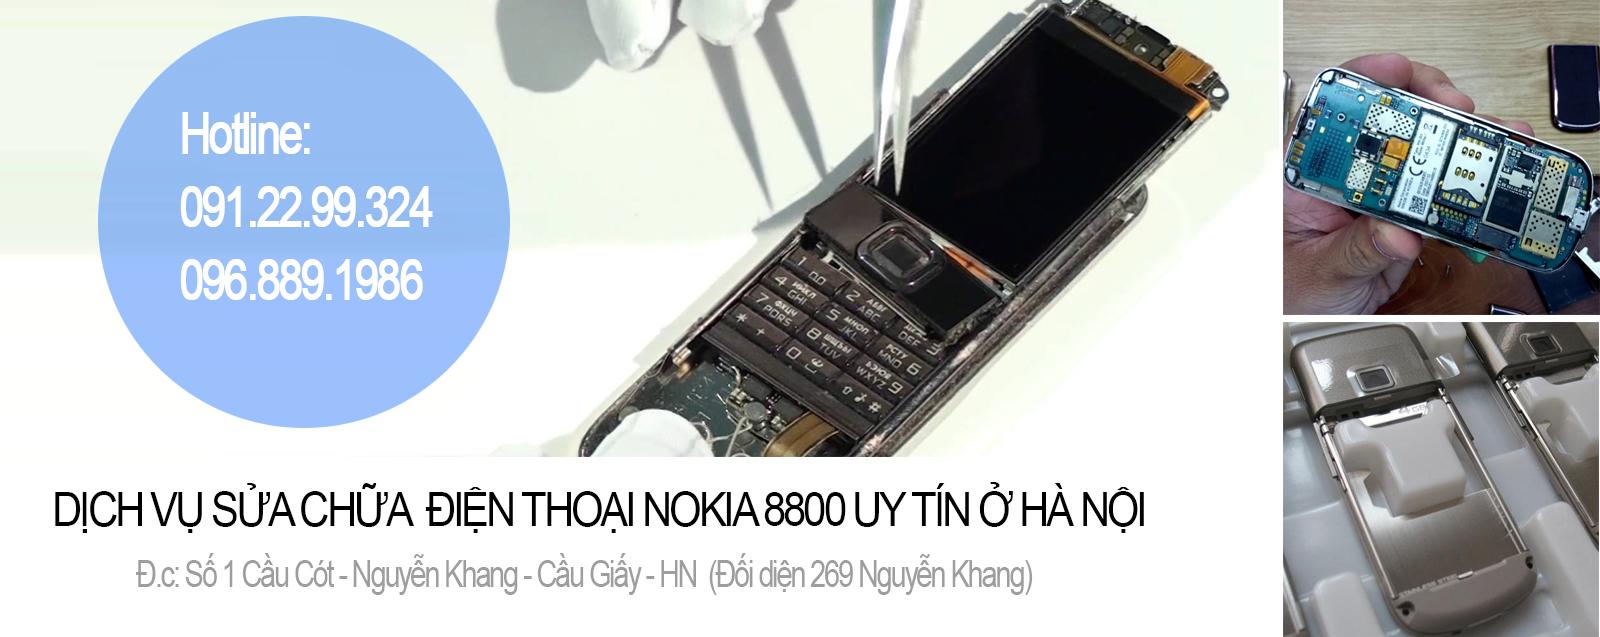 SỬA ĐIỆN THOẠI NOKIA 8800 TẠI HÀ NỘI | Sửa Nokia 8800 uy tín